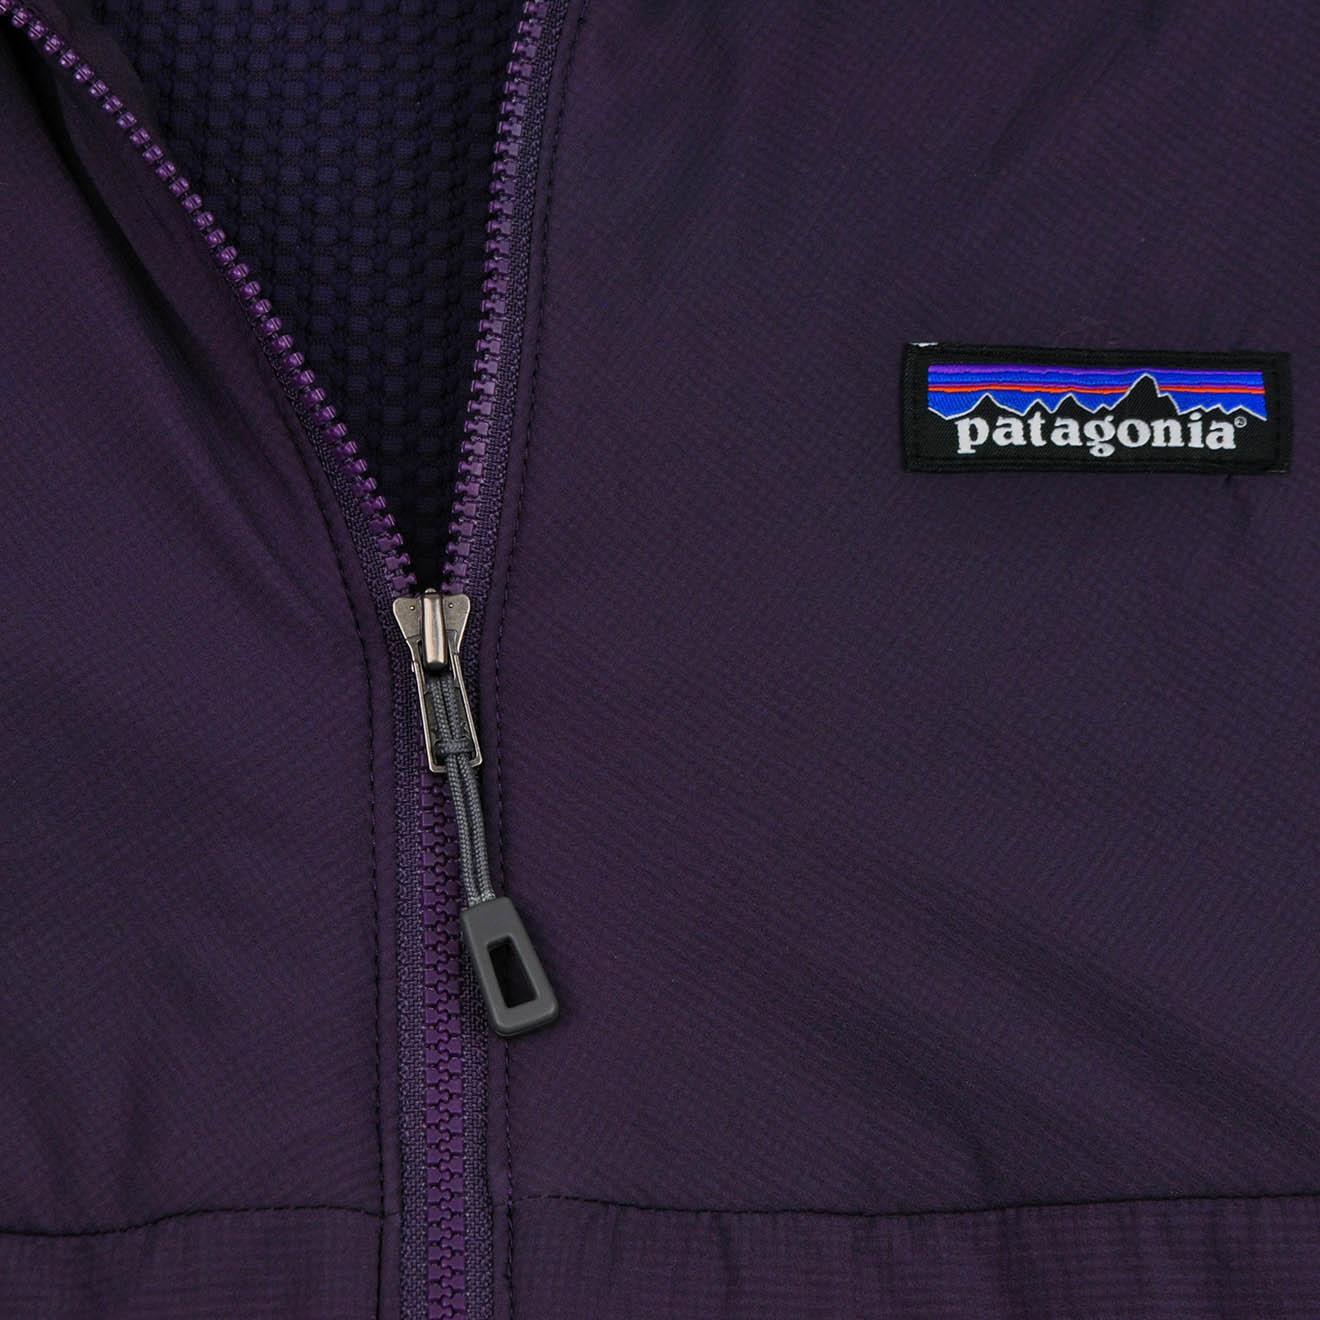 Patagonia Nano Air Light Hybrid Hoody Pilton Purple The